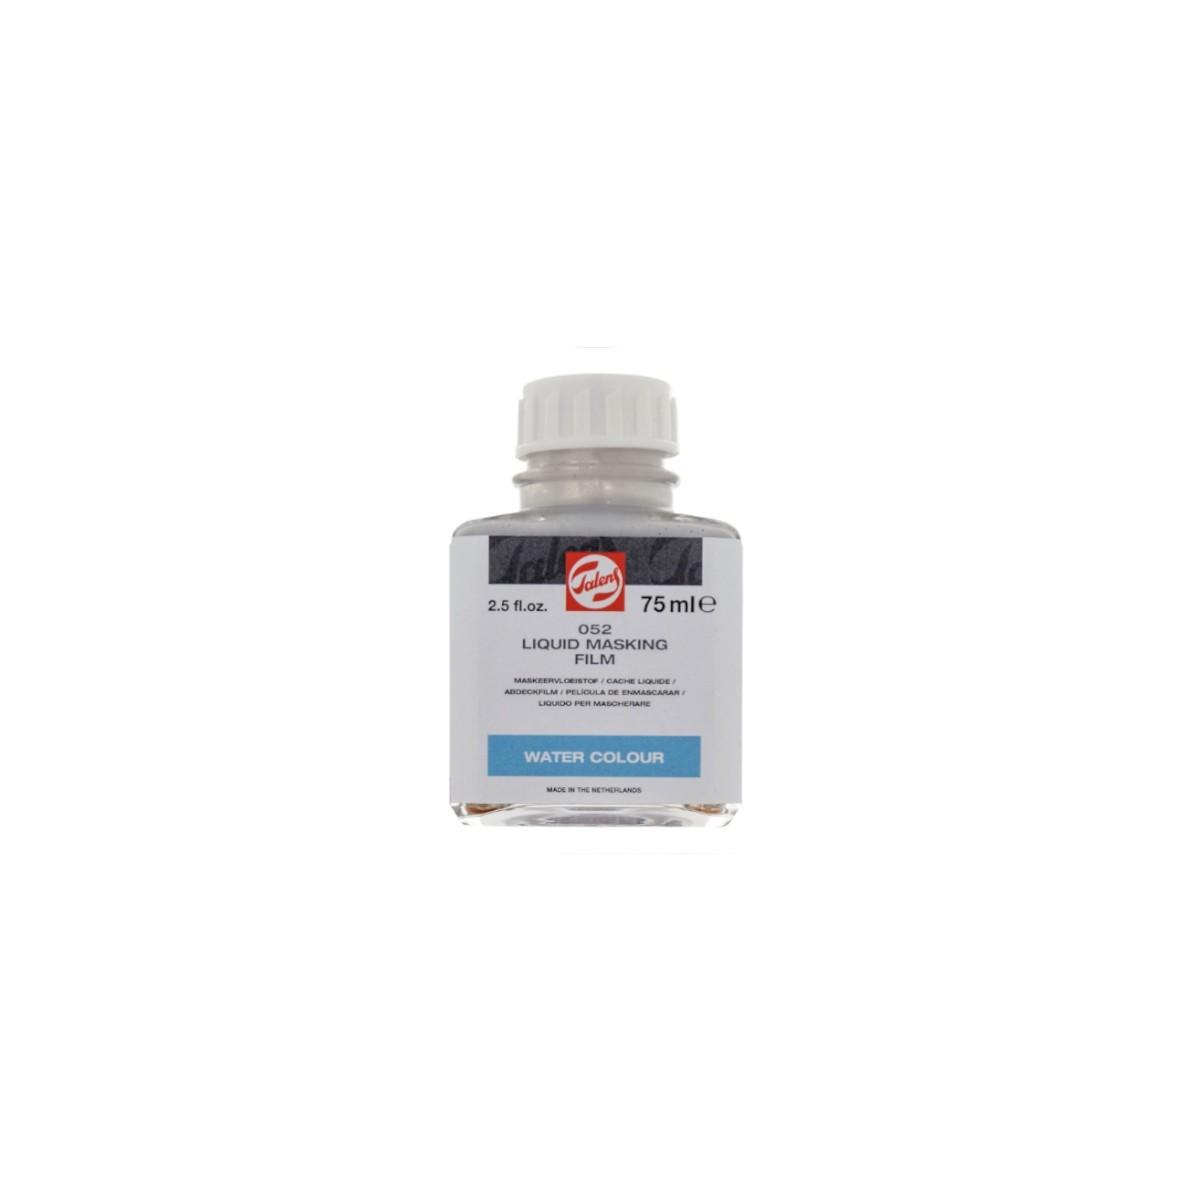 Talens, 052 Liquid masking film, 75 ml